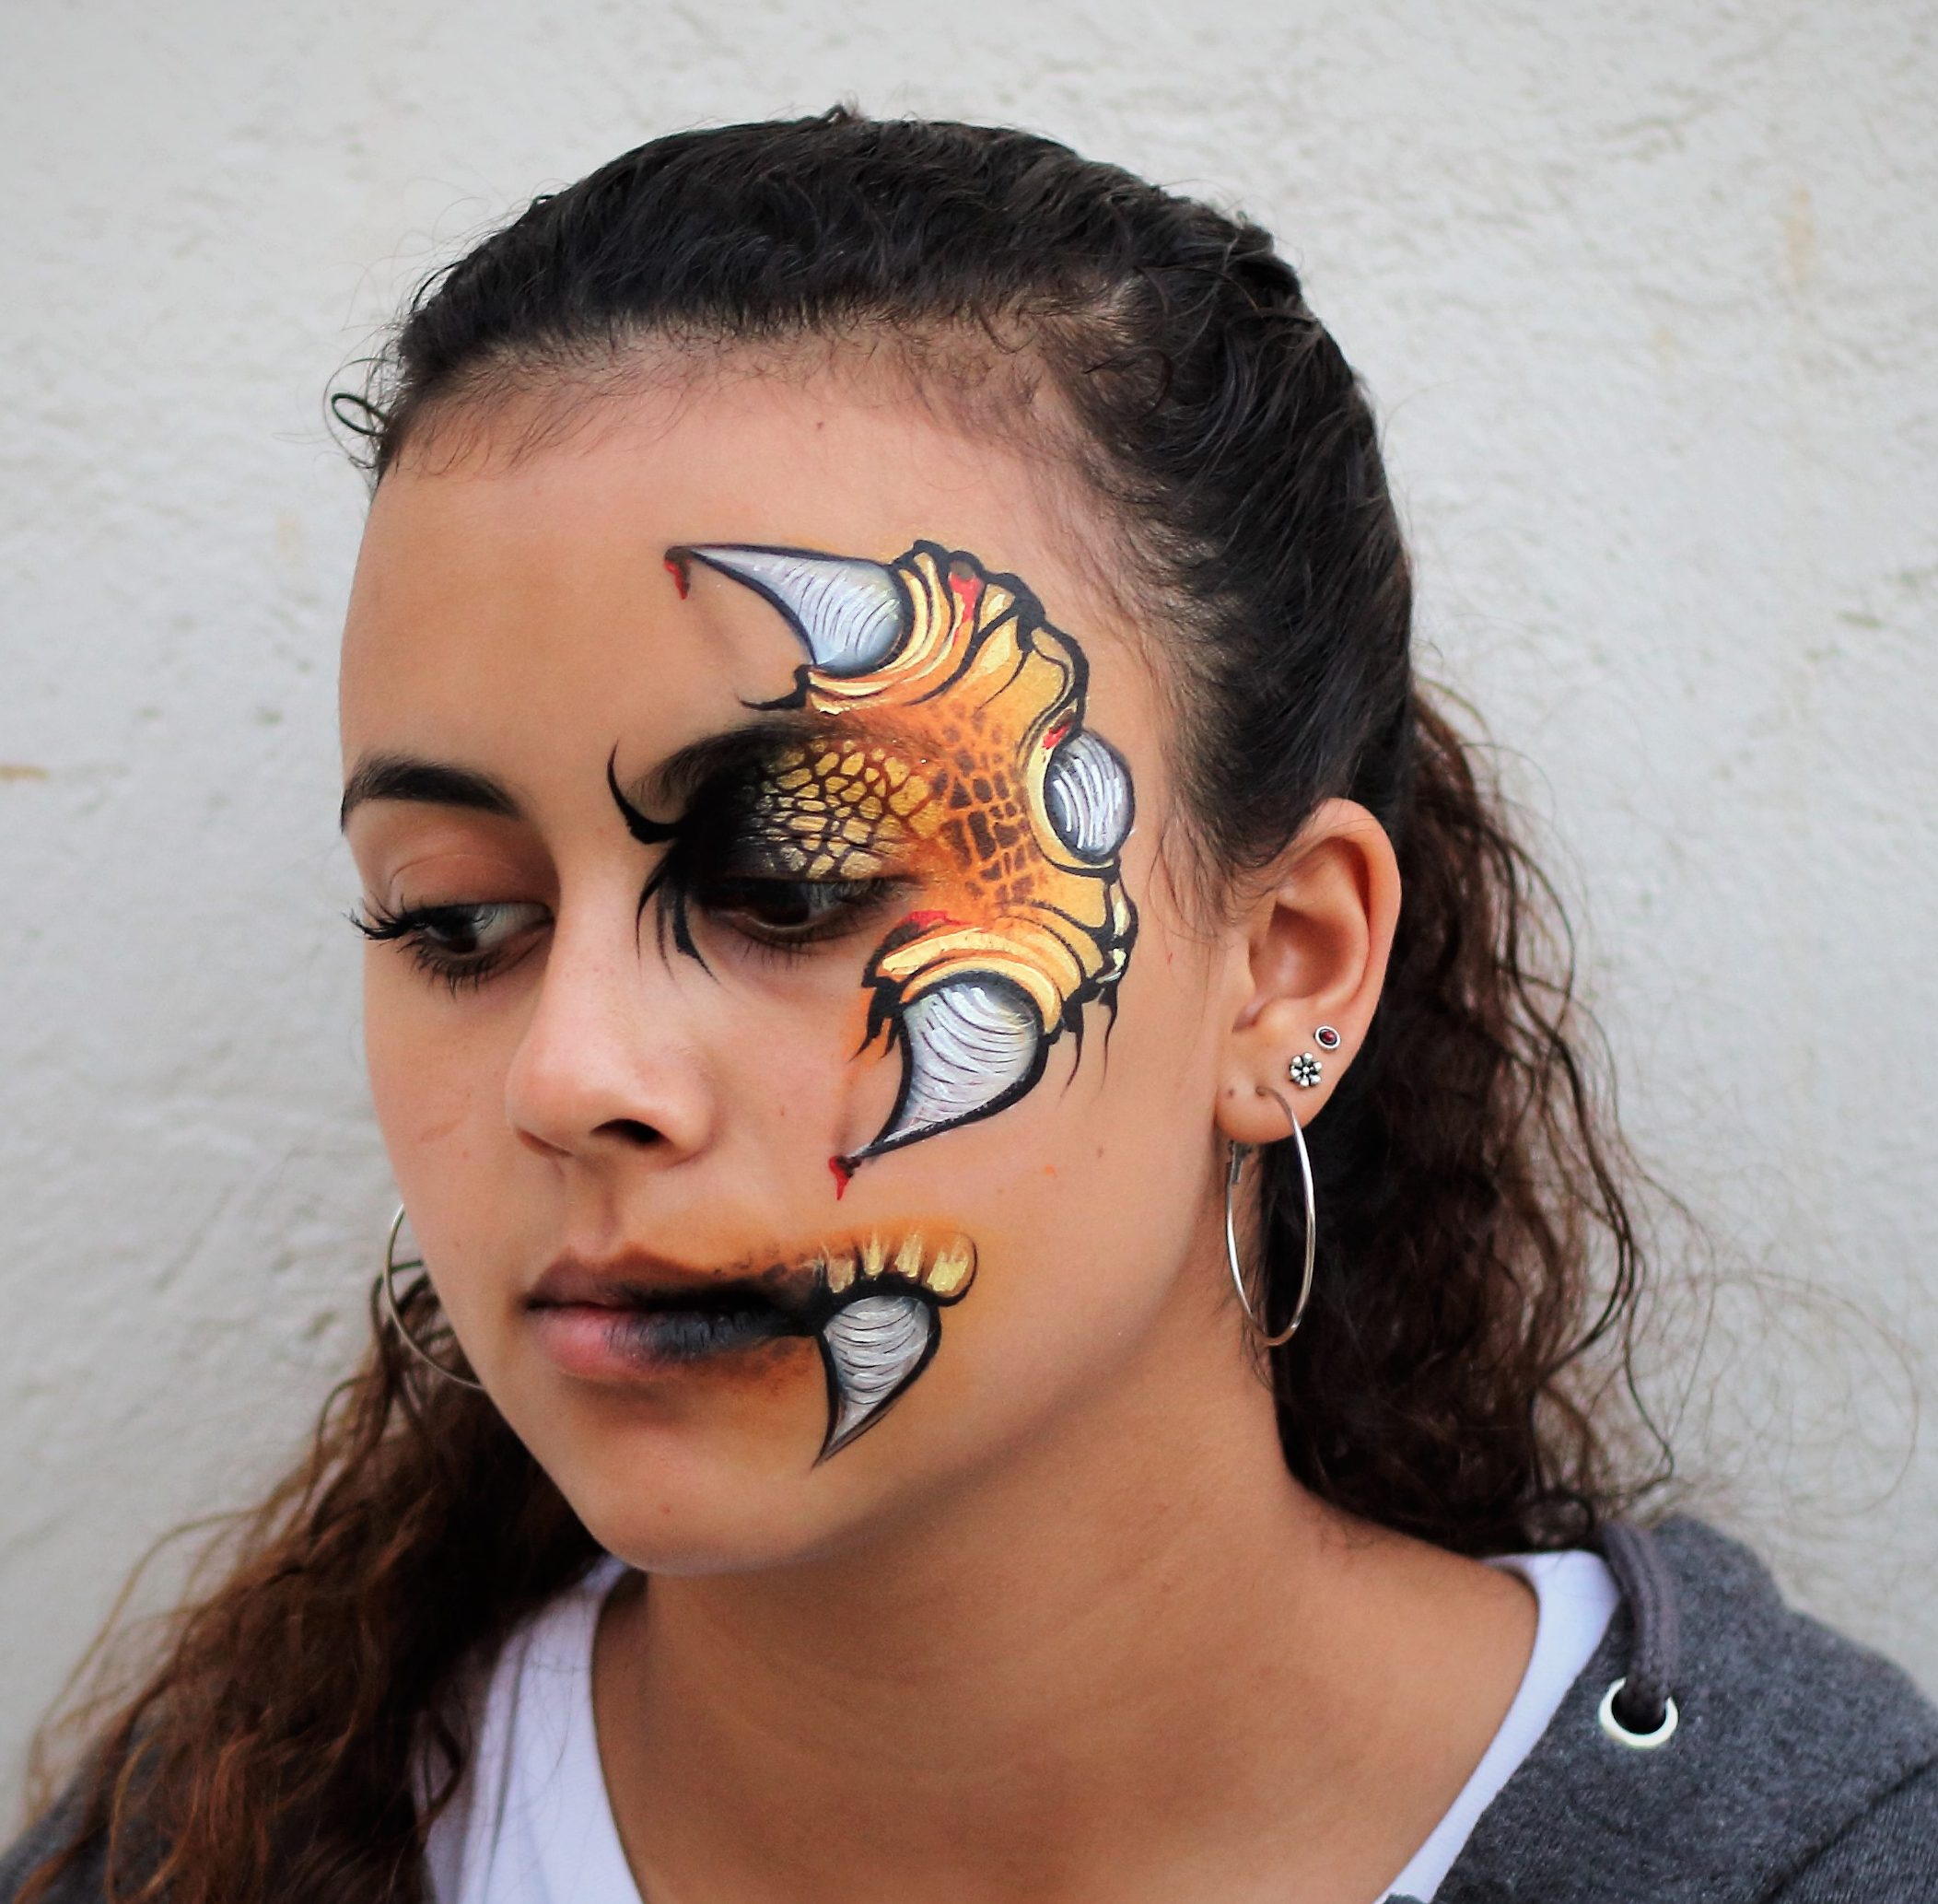 סדנה אינטנסיבית לציורי פנים